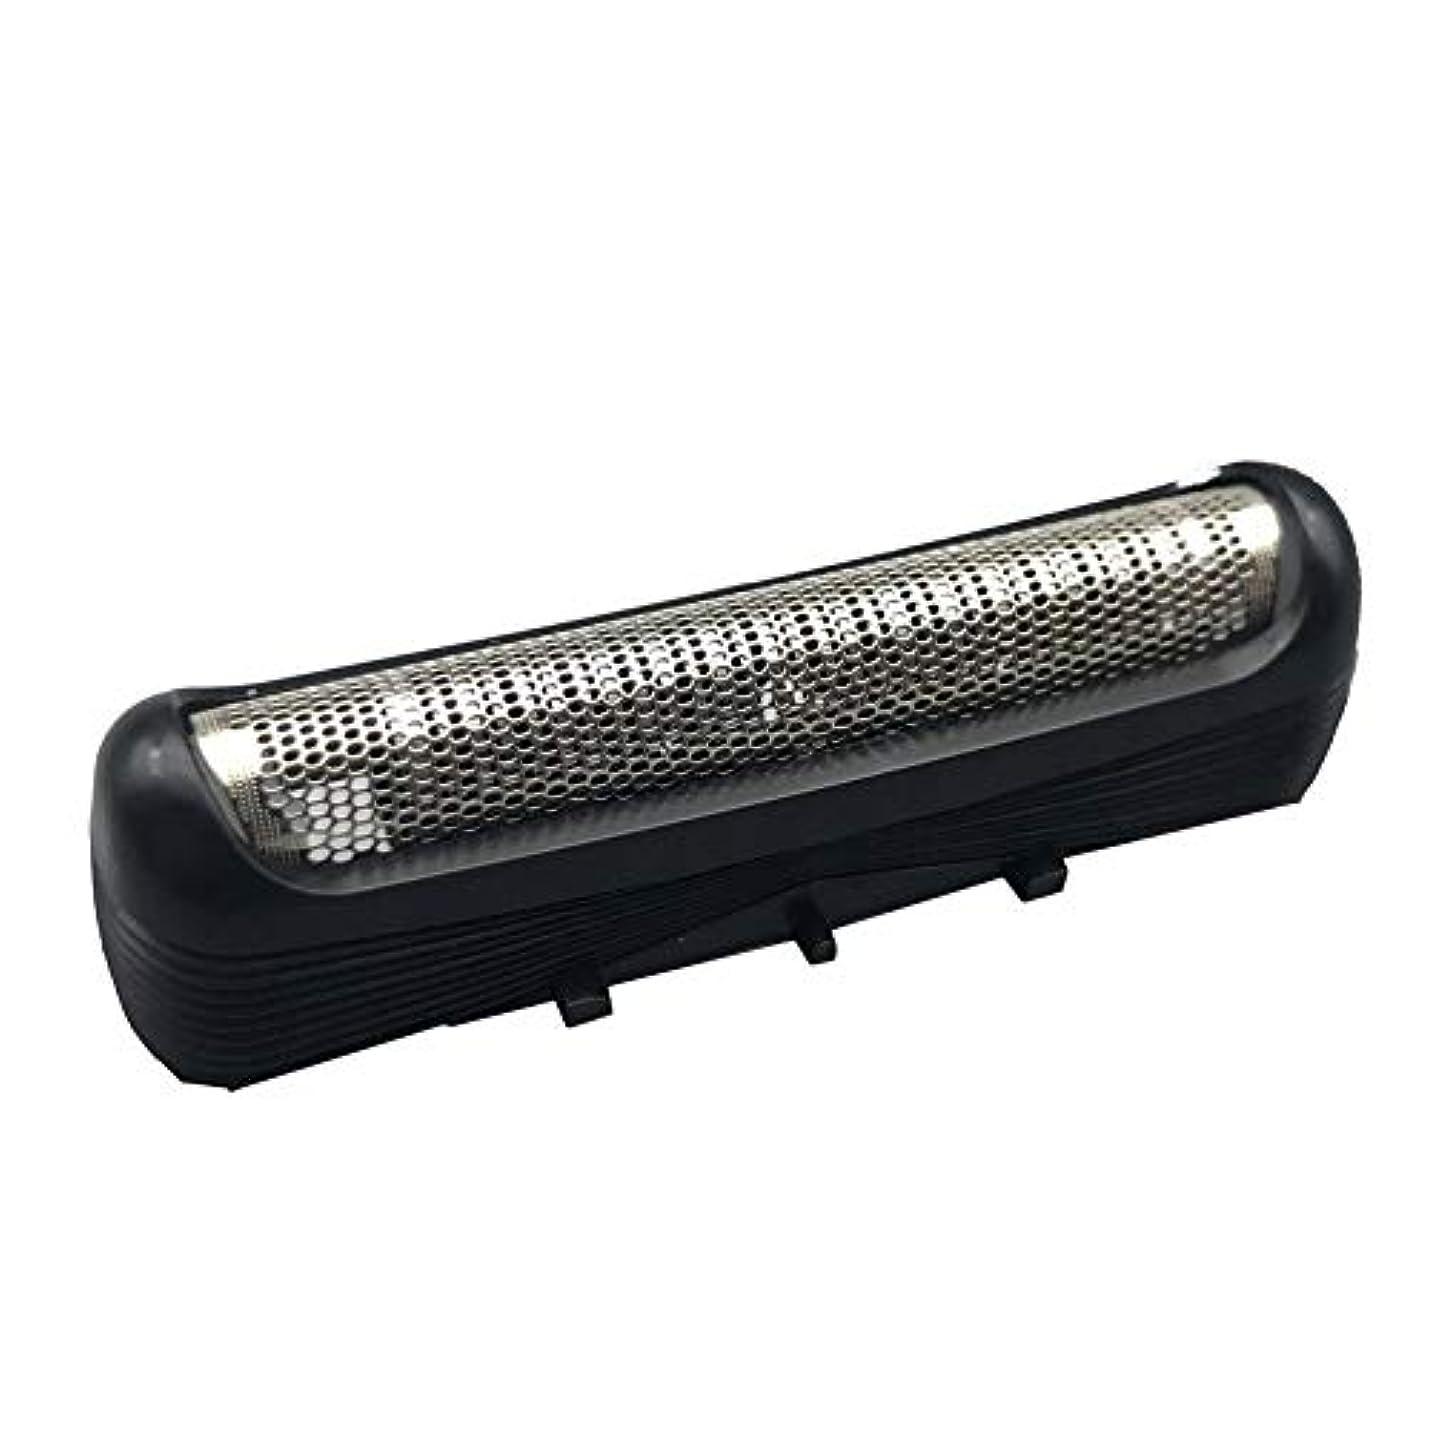 論理リングレット不毛のシェーバー替刃 Braunシリーズ3用 メンズシェーバー32B用 セット刃 シェーバー交換部品 電気シェーバー交換ヘッドカミソリアクセサリ for Braun Series 3